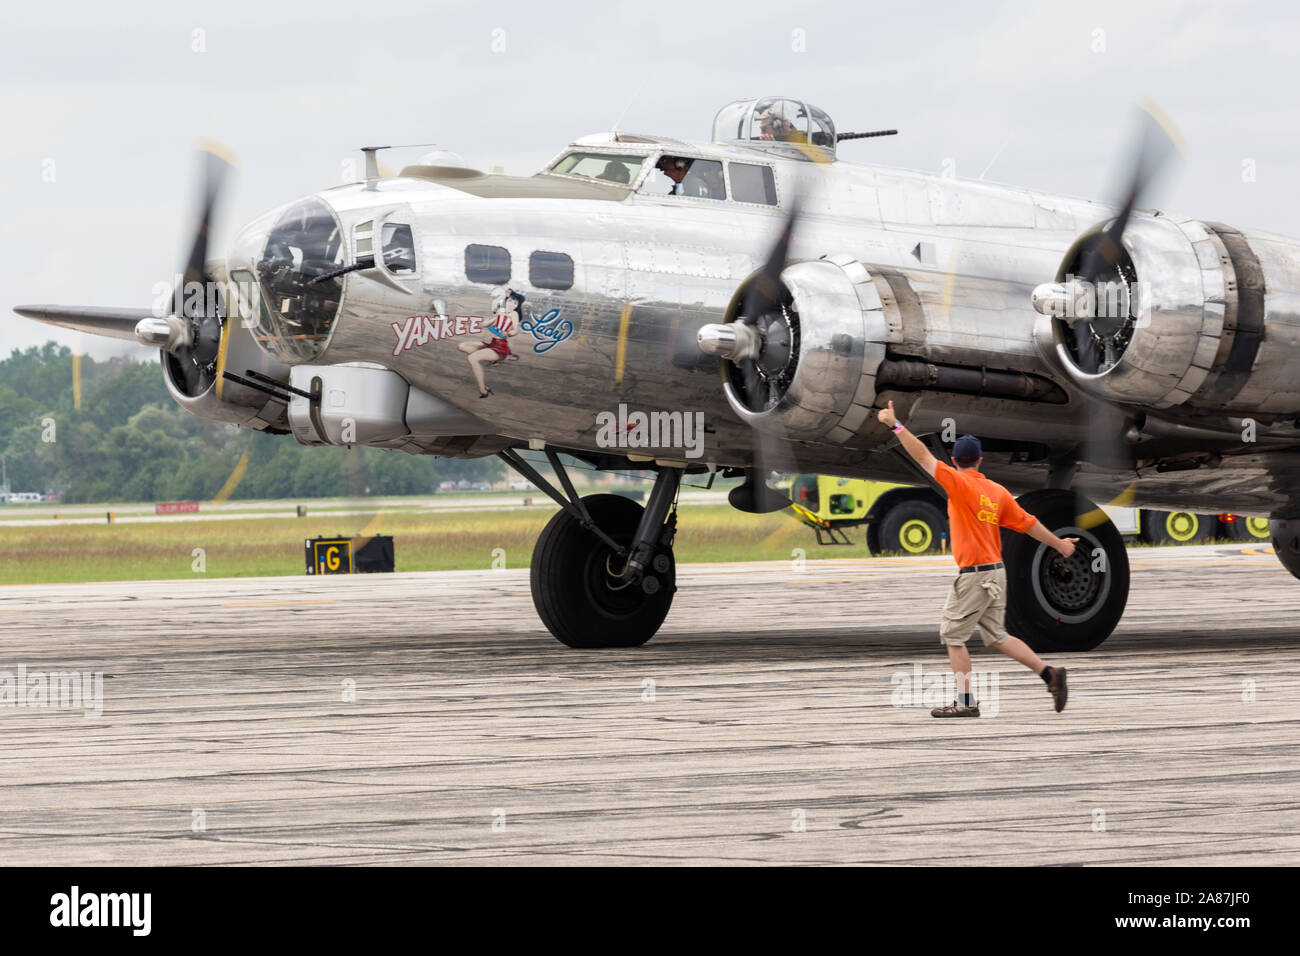 YPSILANTI, MICHIGAN / USA - 25 août 2018: UNE DEUXIÈME GUERRE MONDIALE B-17 Flying Fortress au 2018 Thunder over Michigan meeting aérien. Banque D'Images